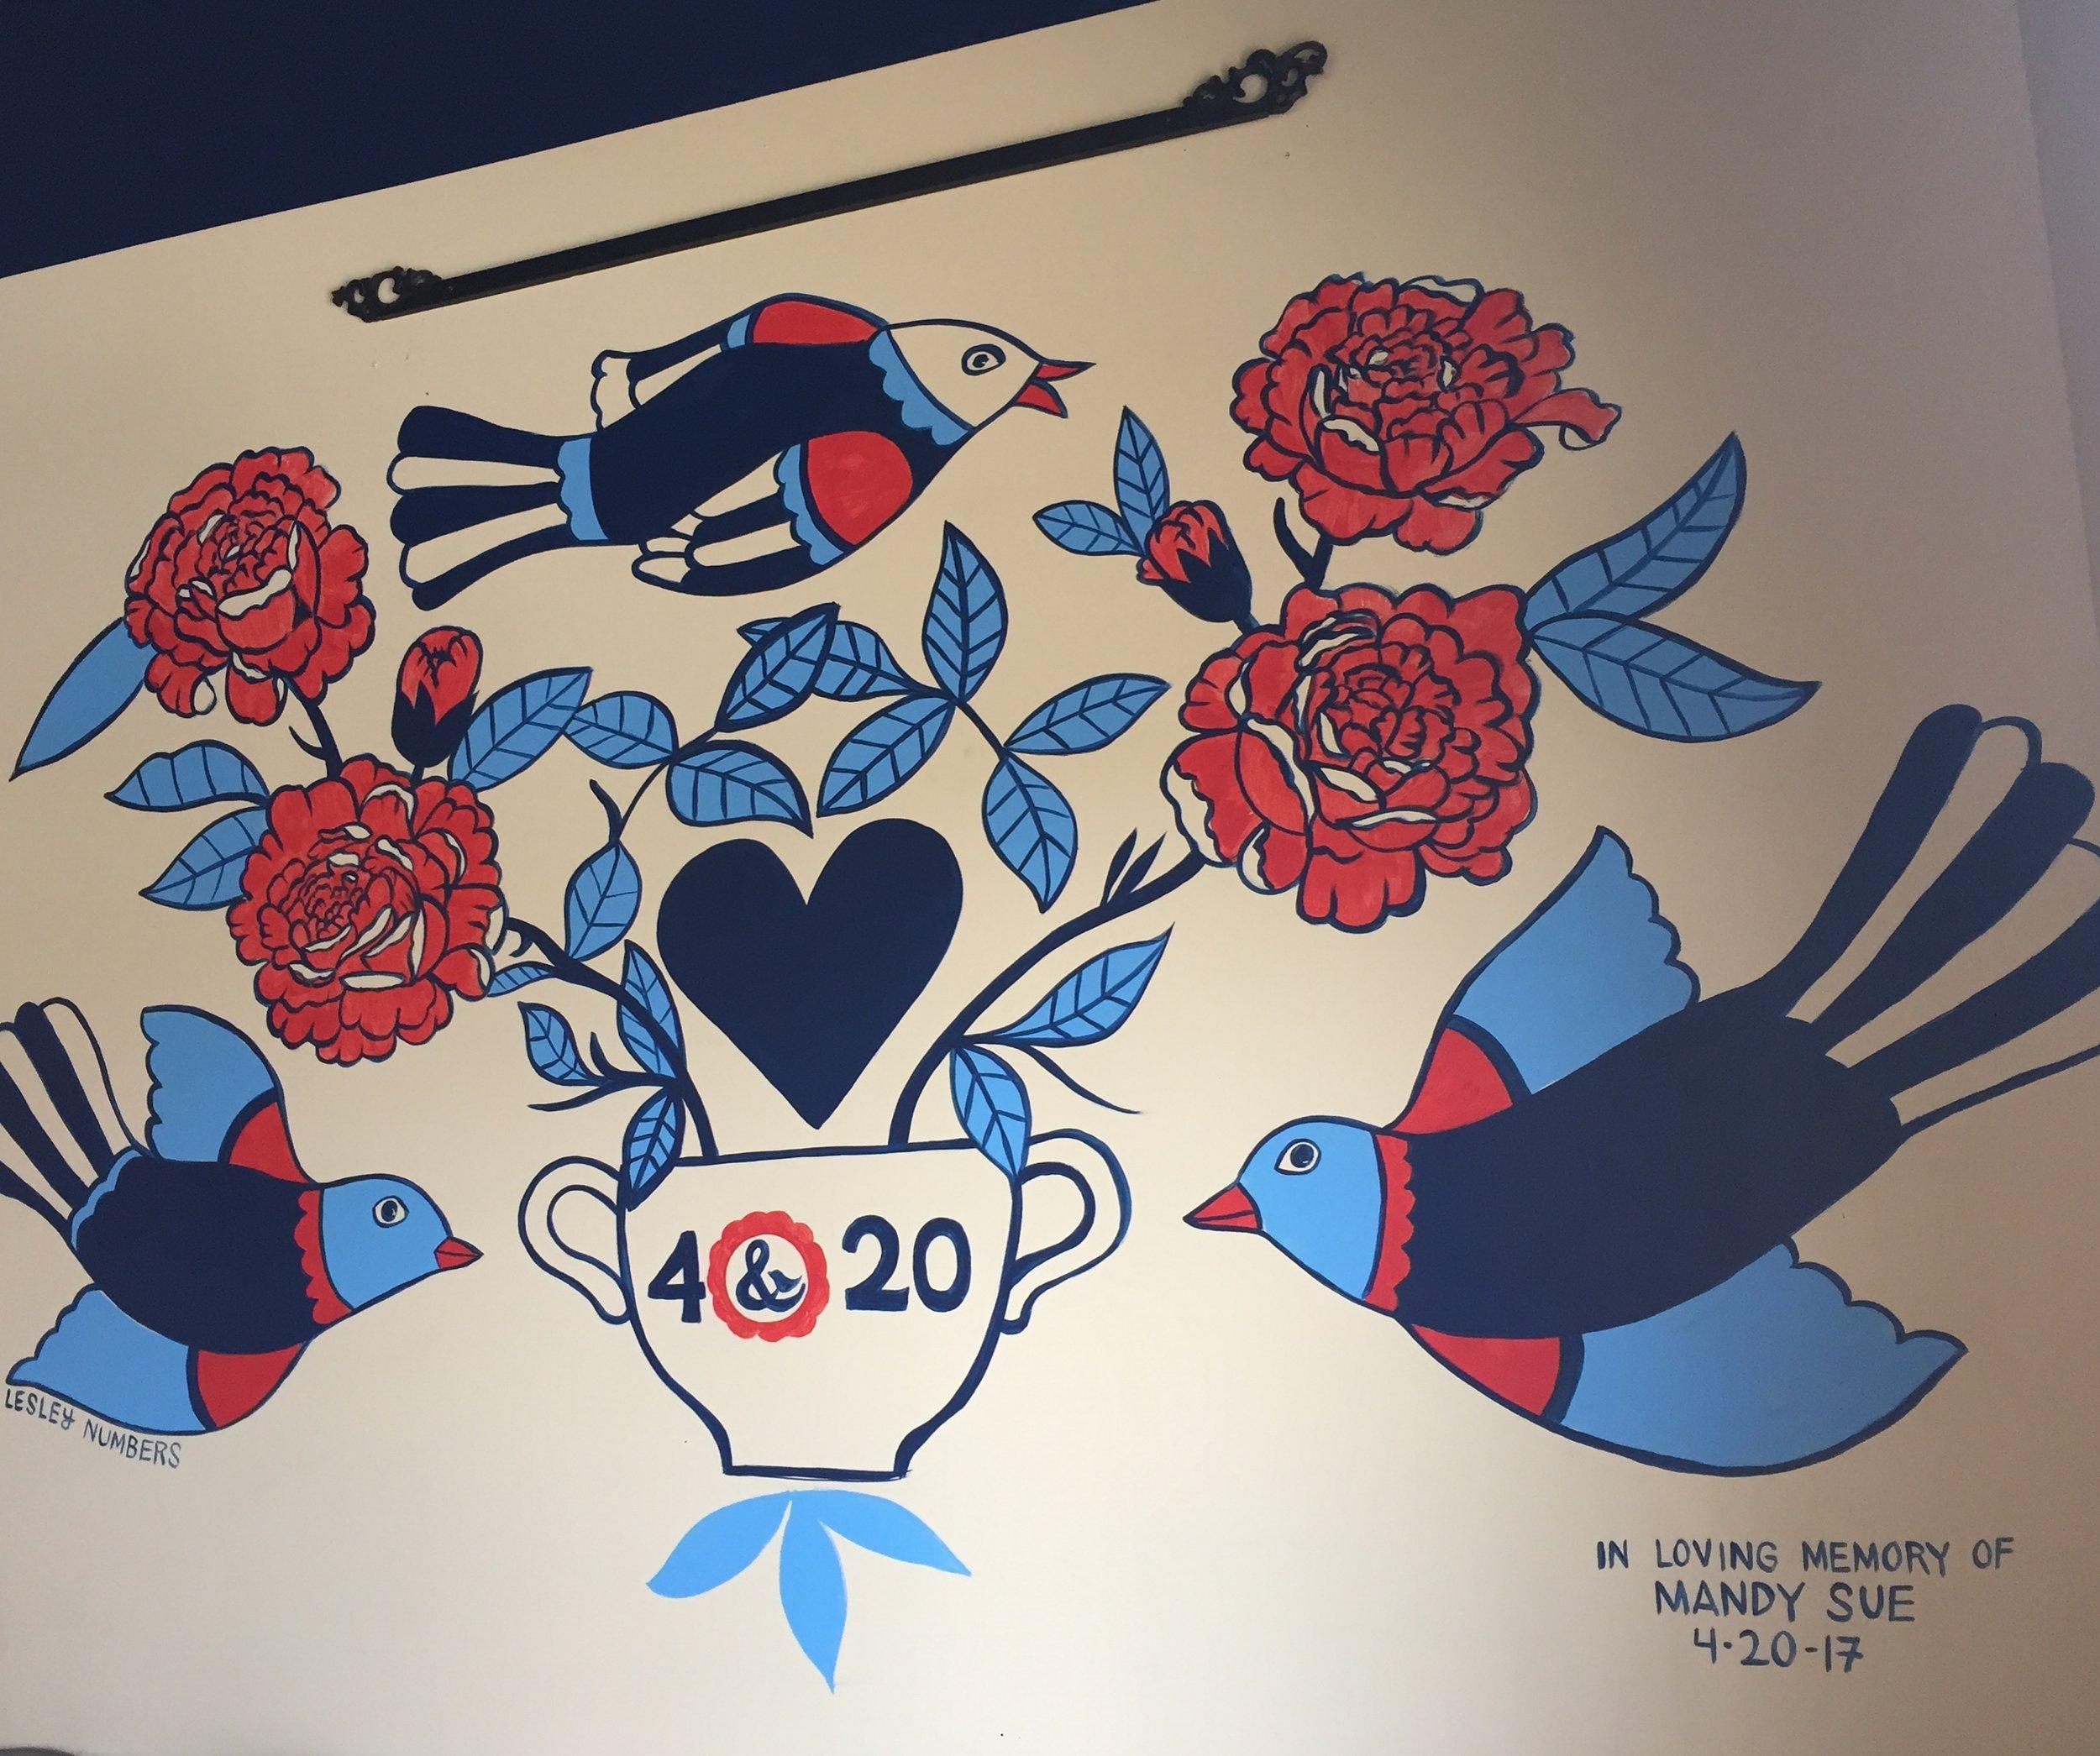 4 & 20 Bakery Mural (for Mandy)